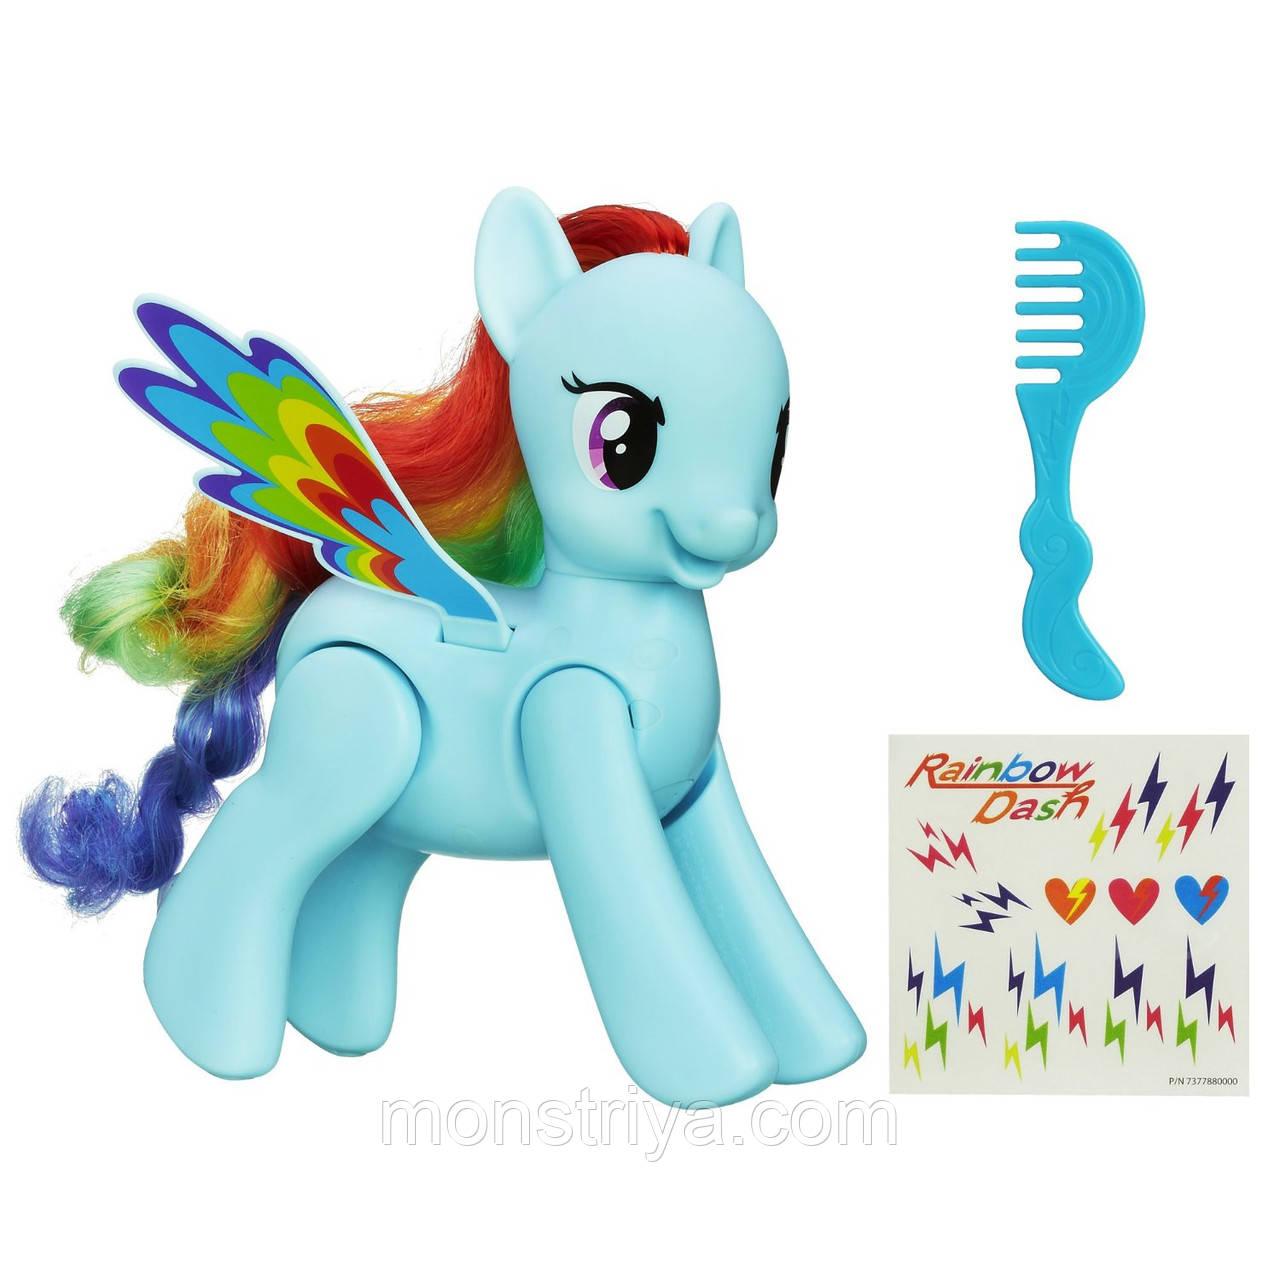 Пони Проворная Рейнбоу Дэш, делает сальто! My Little Pony Flip and Whirl Rainbow Dash Pony Fashion Doll Pet К, фото 1